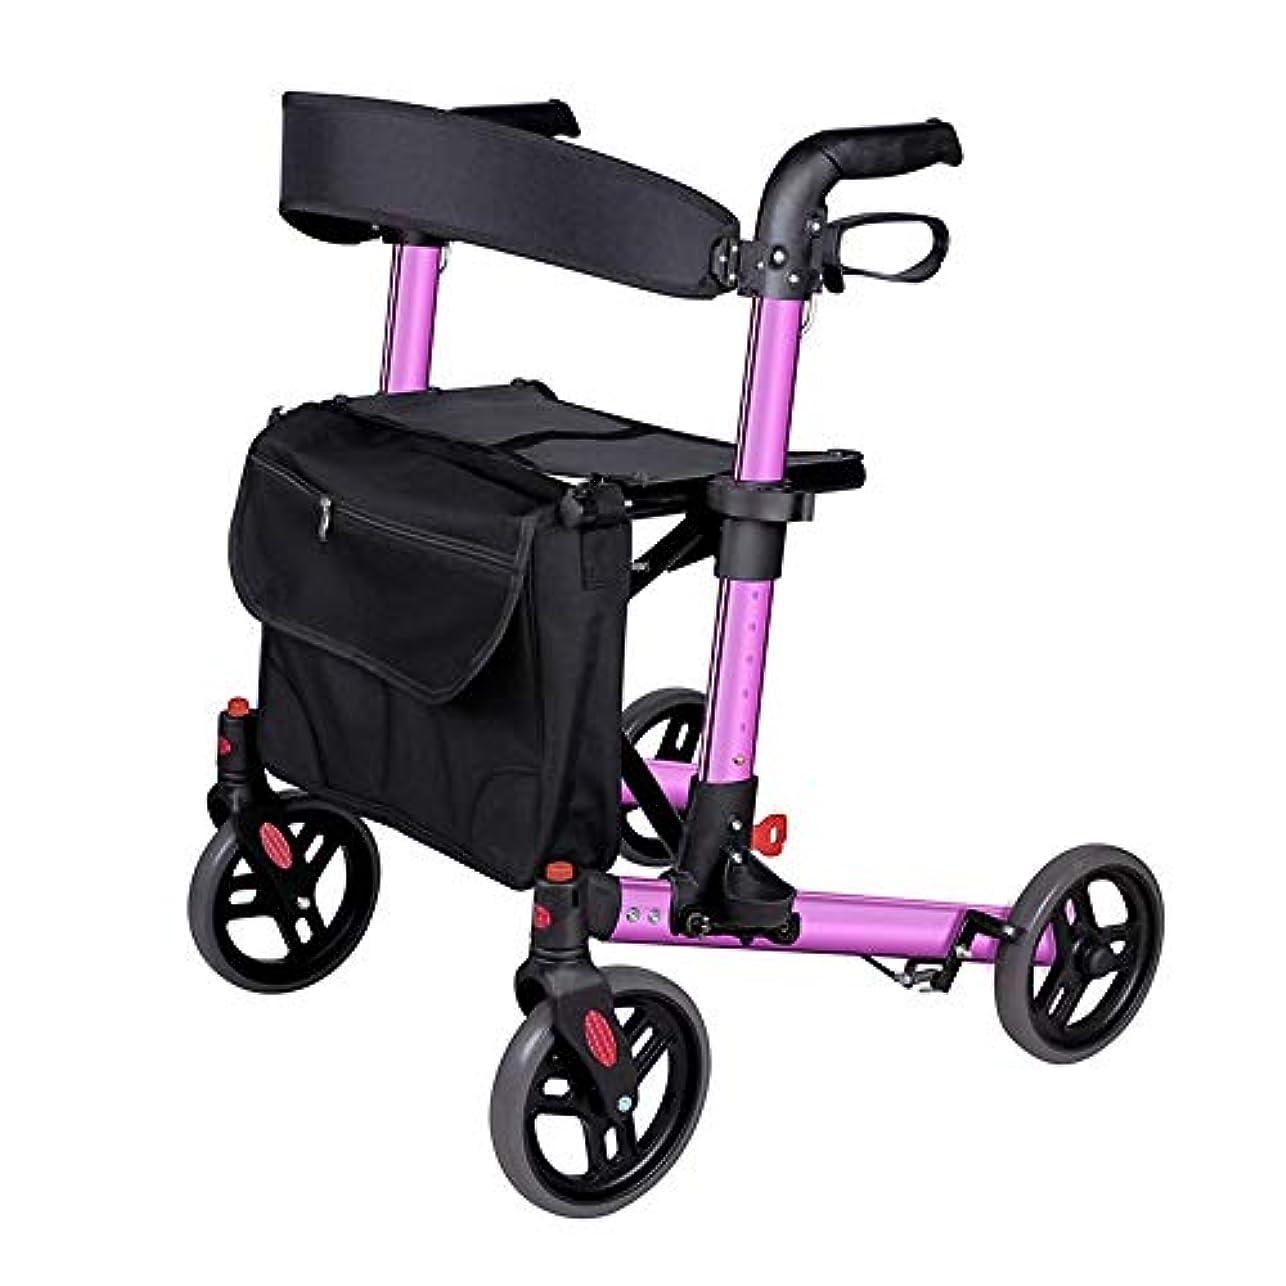 呪われた接辞毛細血管老人のショッピングカートのプッシュは、歩行歩行器に座ることができます